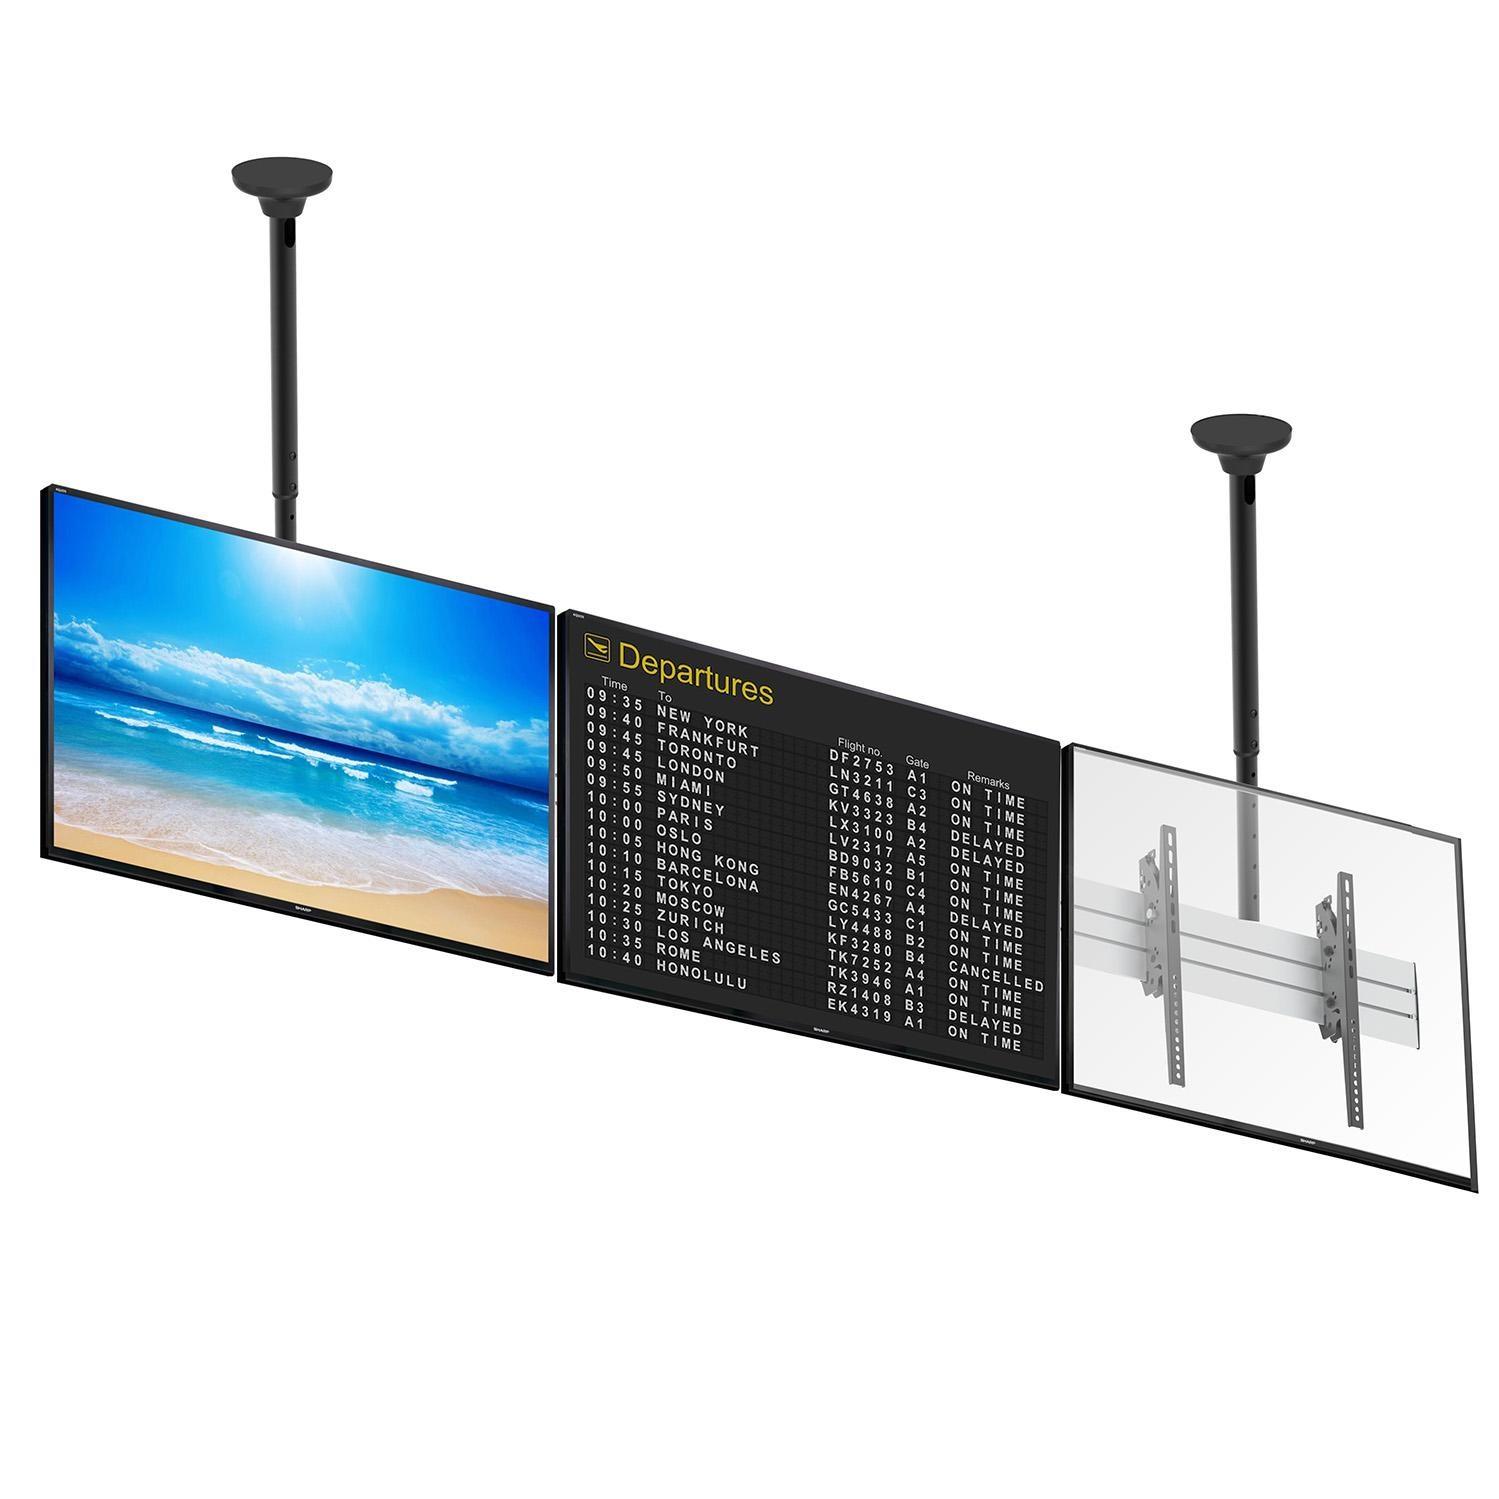 Stropní televizní stěna, zavěšení 3 televizí nebo monitorů s úhlopříčkou 40-52 palců vedle sebe v řadě, nastavení výšky a náklonu - Fiber Mounts M7C32